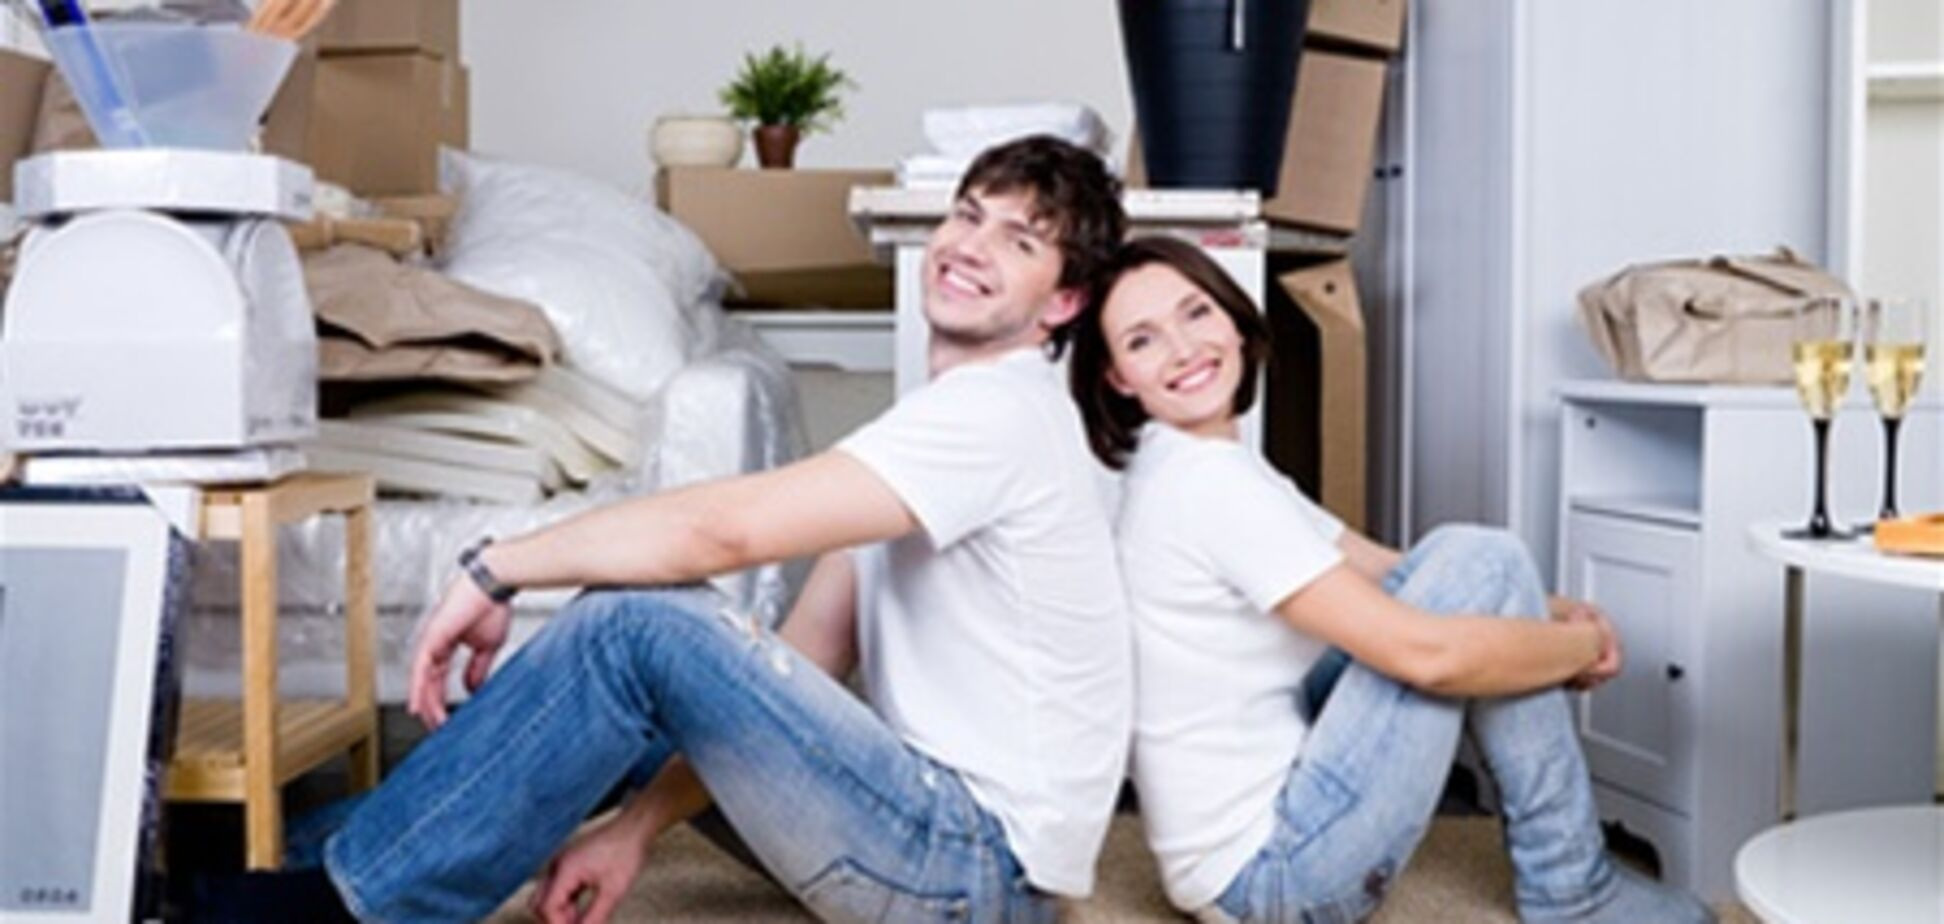 Лучше купить комнату, чем снимать жилье - эксперт